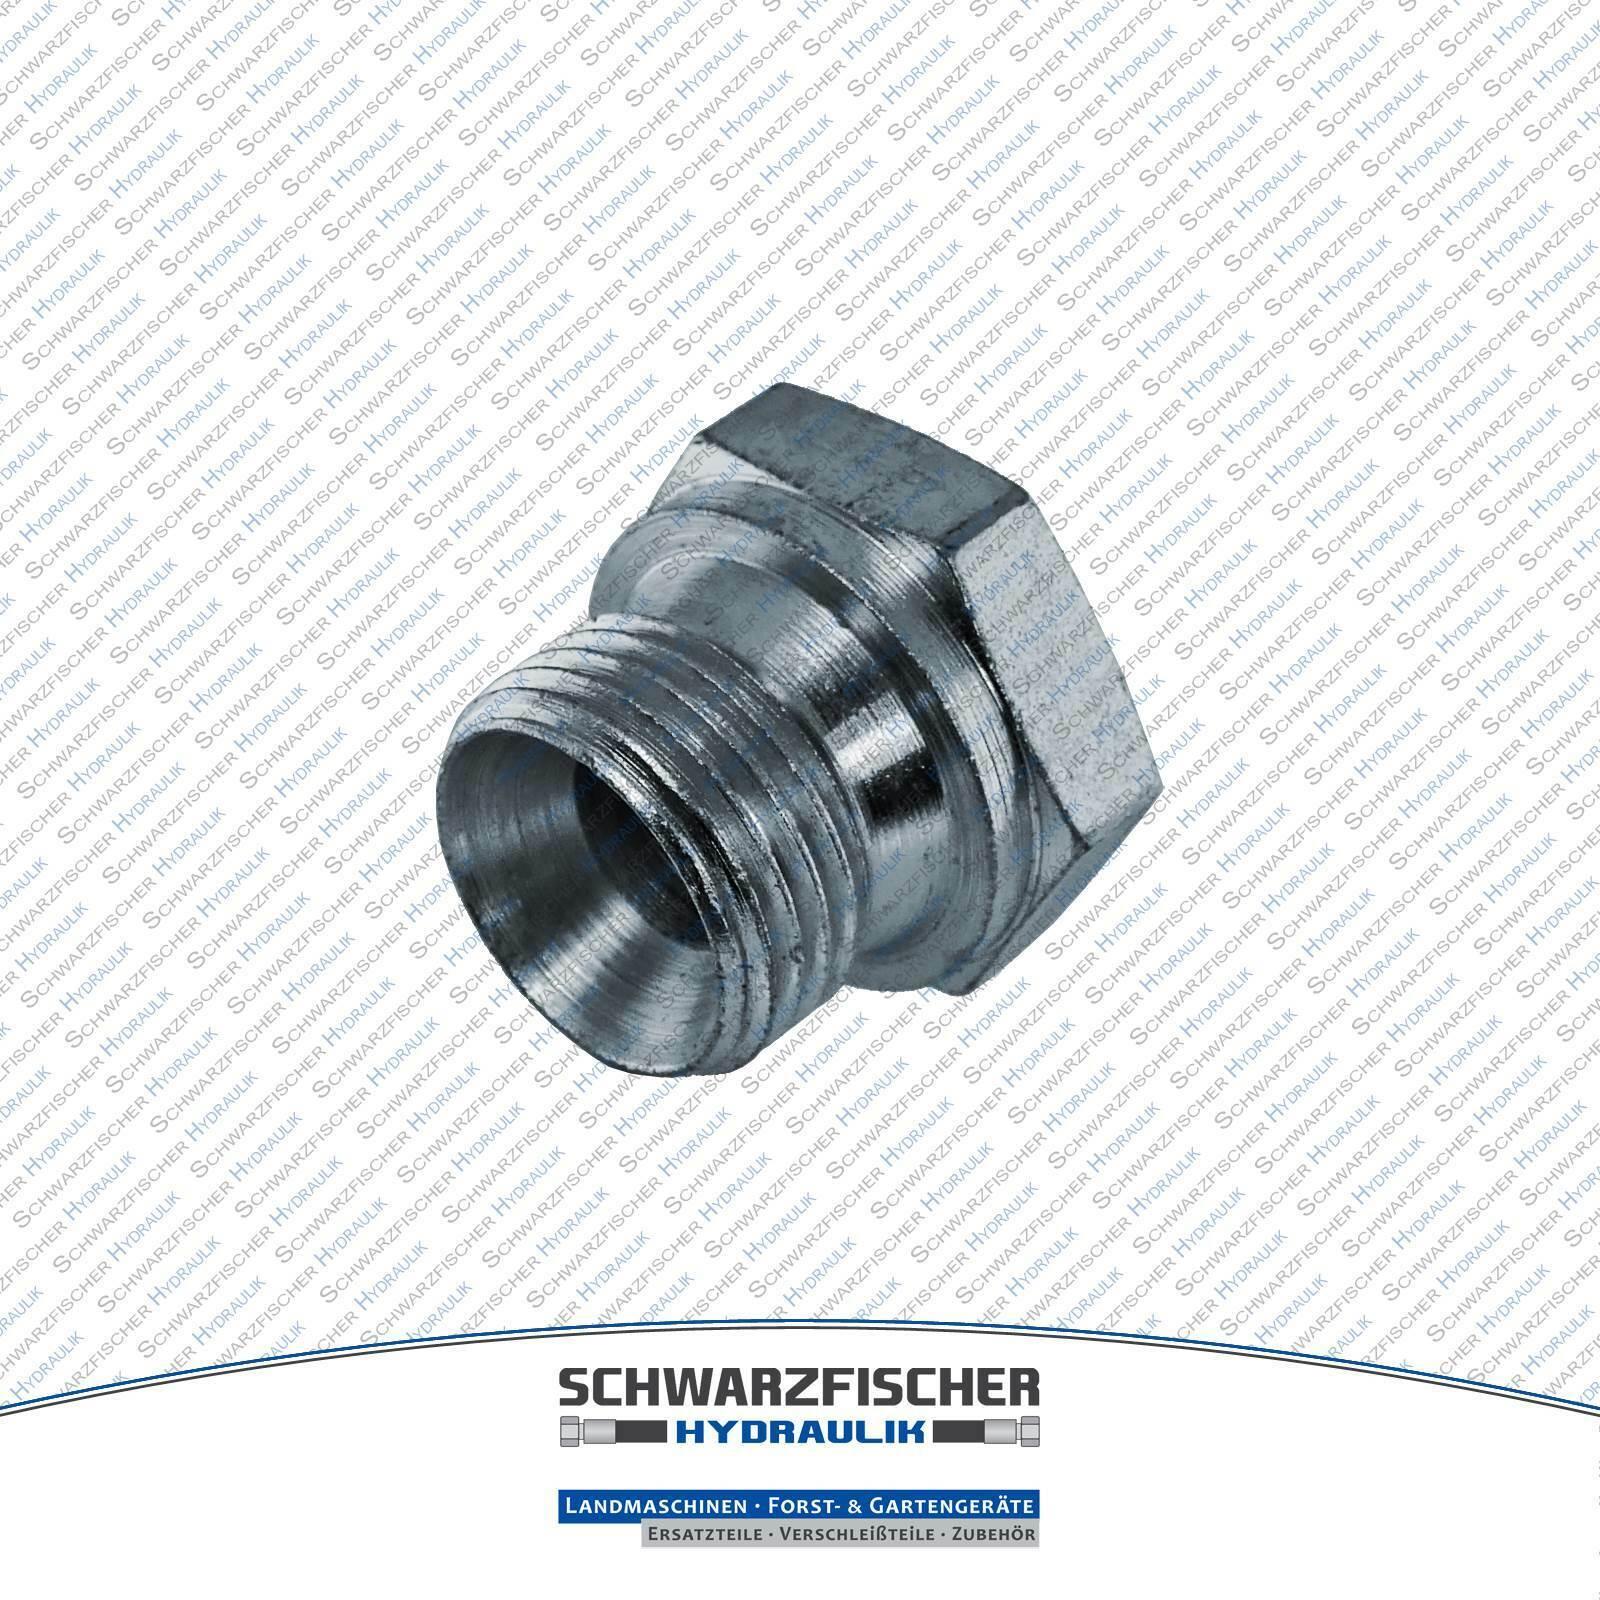 Verschlussschraube BSP Adapter Zoll Hydraulikverschraubung Größe wählbar